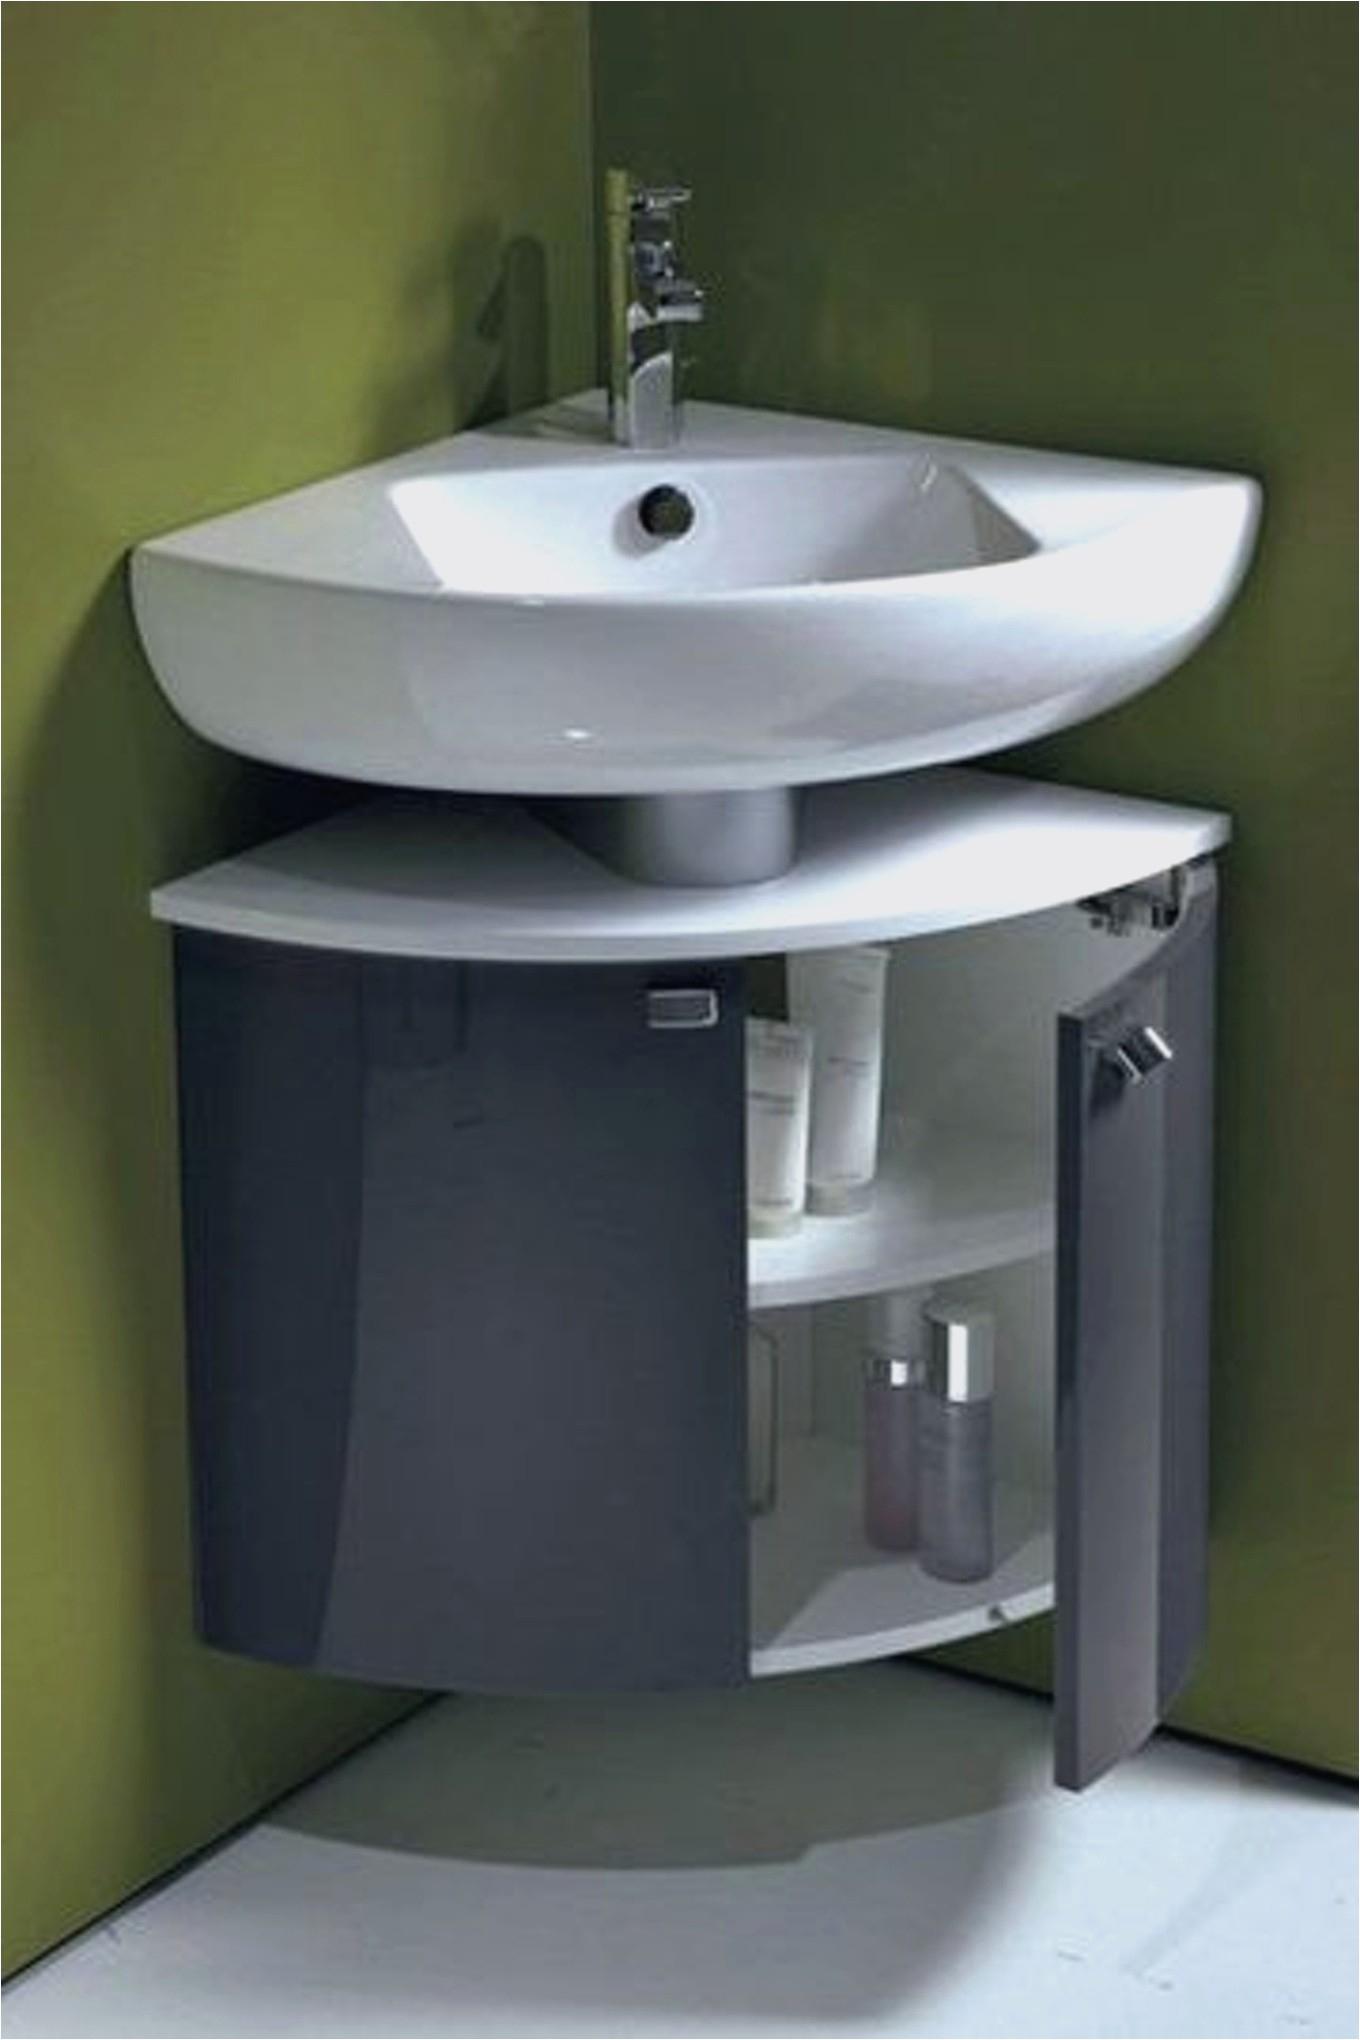 Meuble Vasque Salle De Bain Ikea Inspirant Collection Meuble Lavabo D Angle Salle De Bain Lave Main Ikea Frais Meuble